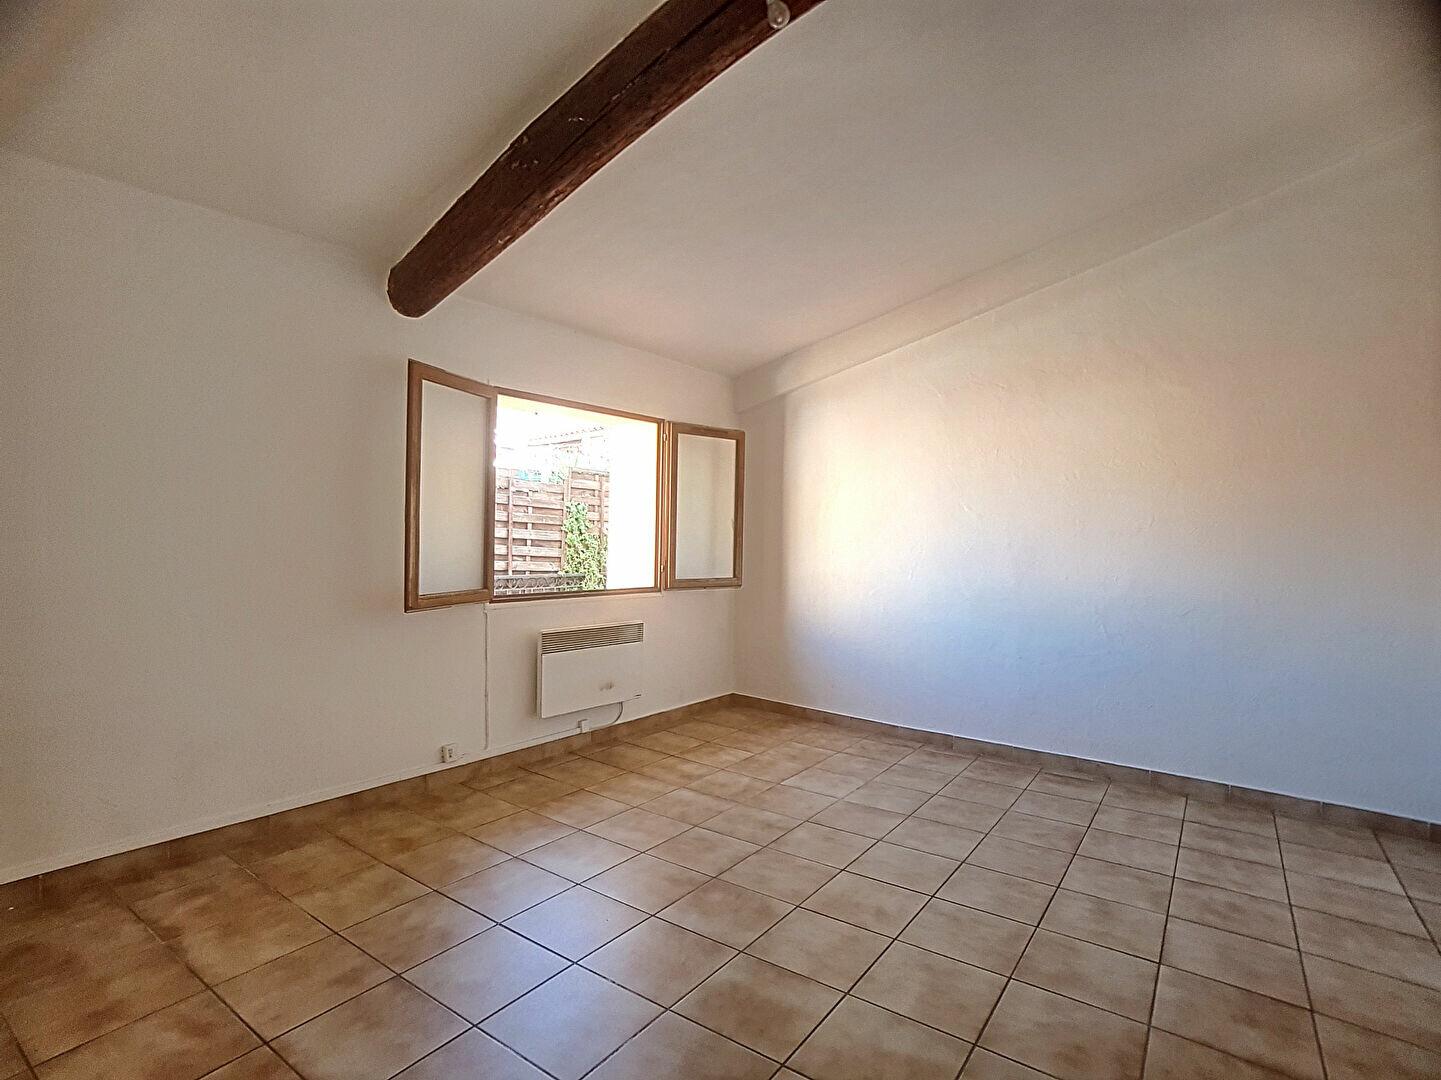 Appartement à louer 2 42.02m2 à Antibes vignette-3